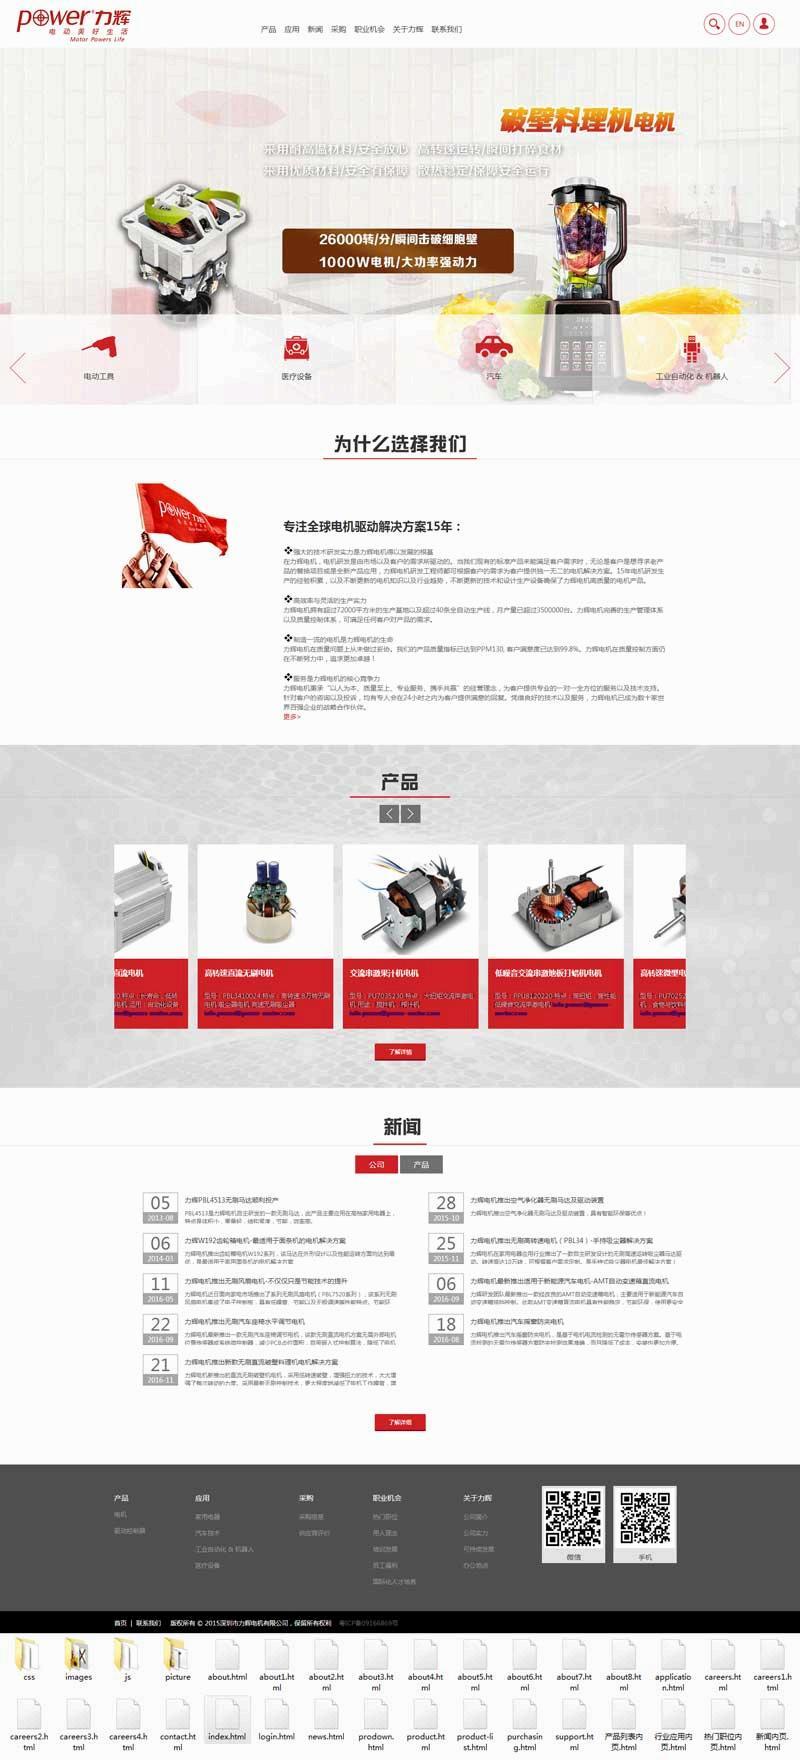 红色大气的电机生产公司网页模板